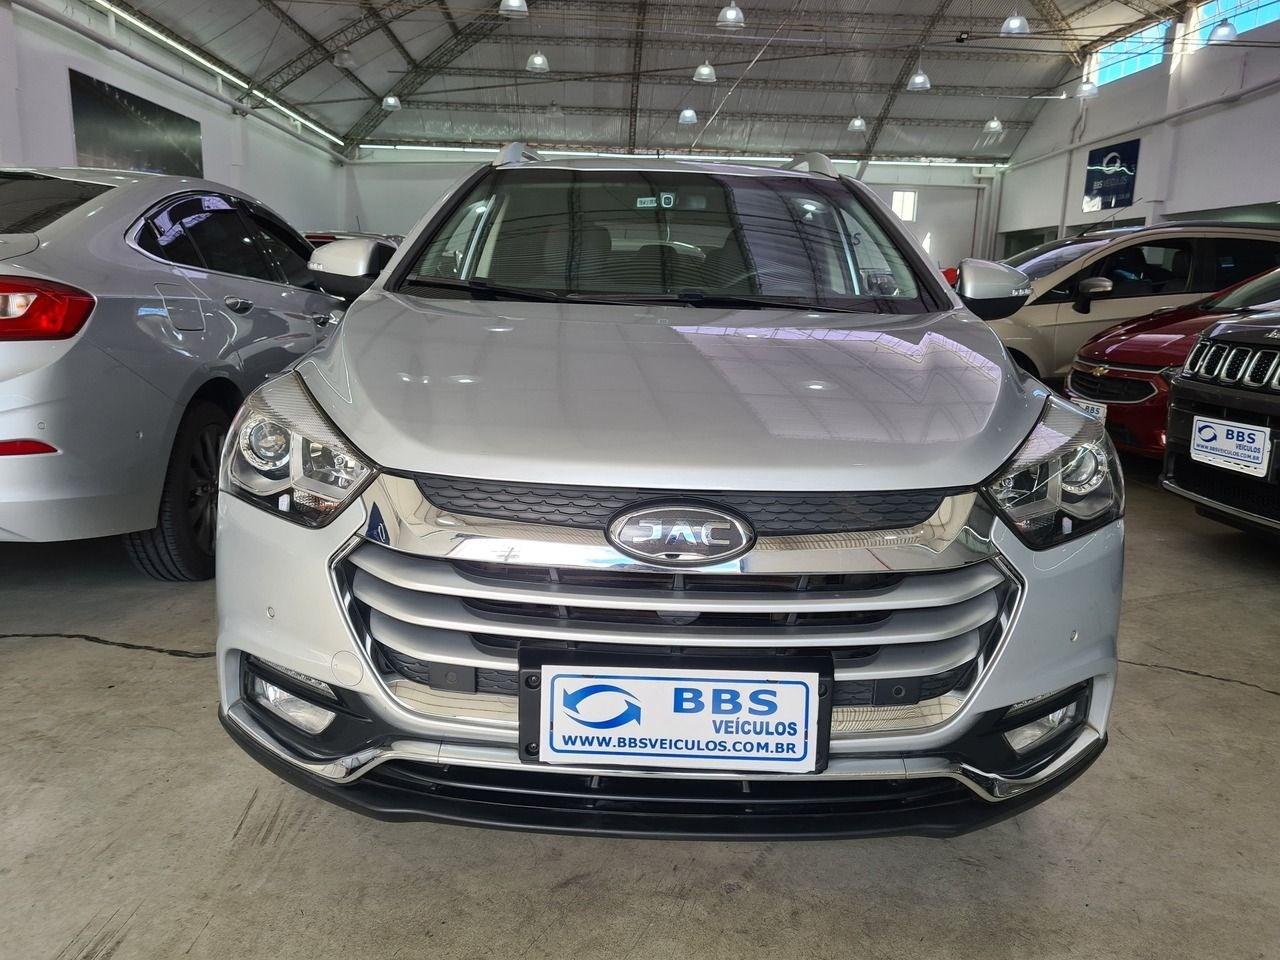 //www.autoline.com.br/carro/jac/t40-15-16v-flex-4p-manual/2019/sao-paulo-sp/13290576